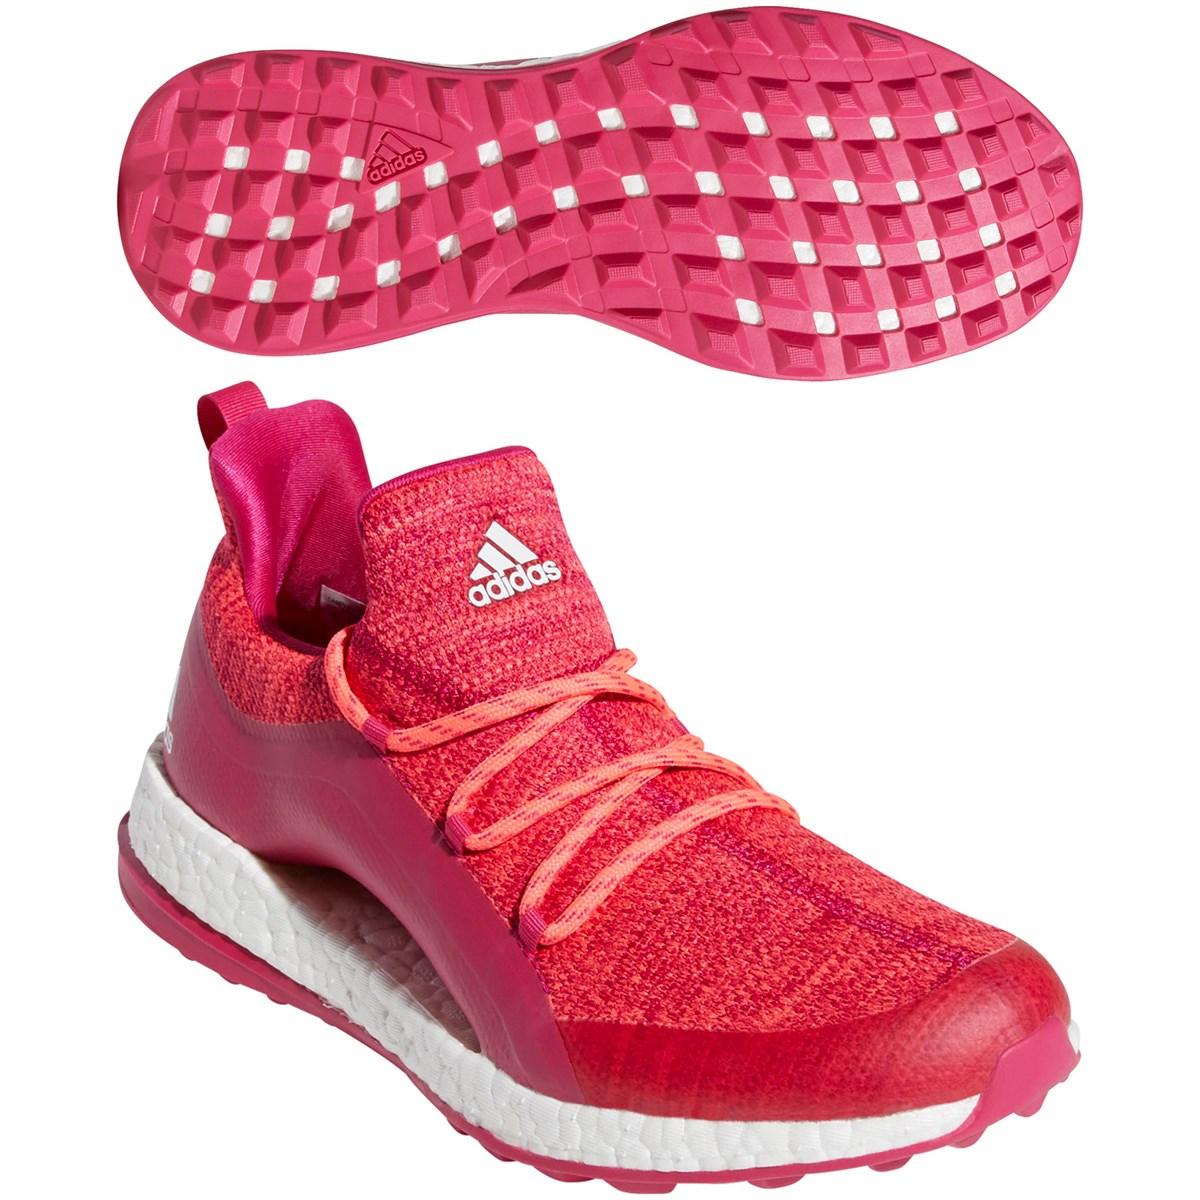 アディダス(adidas) ピュアブースト ゴルフ シューズレディス